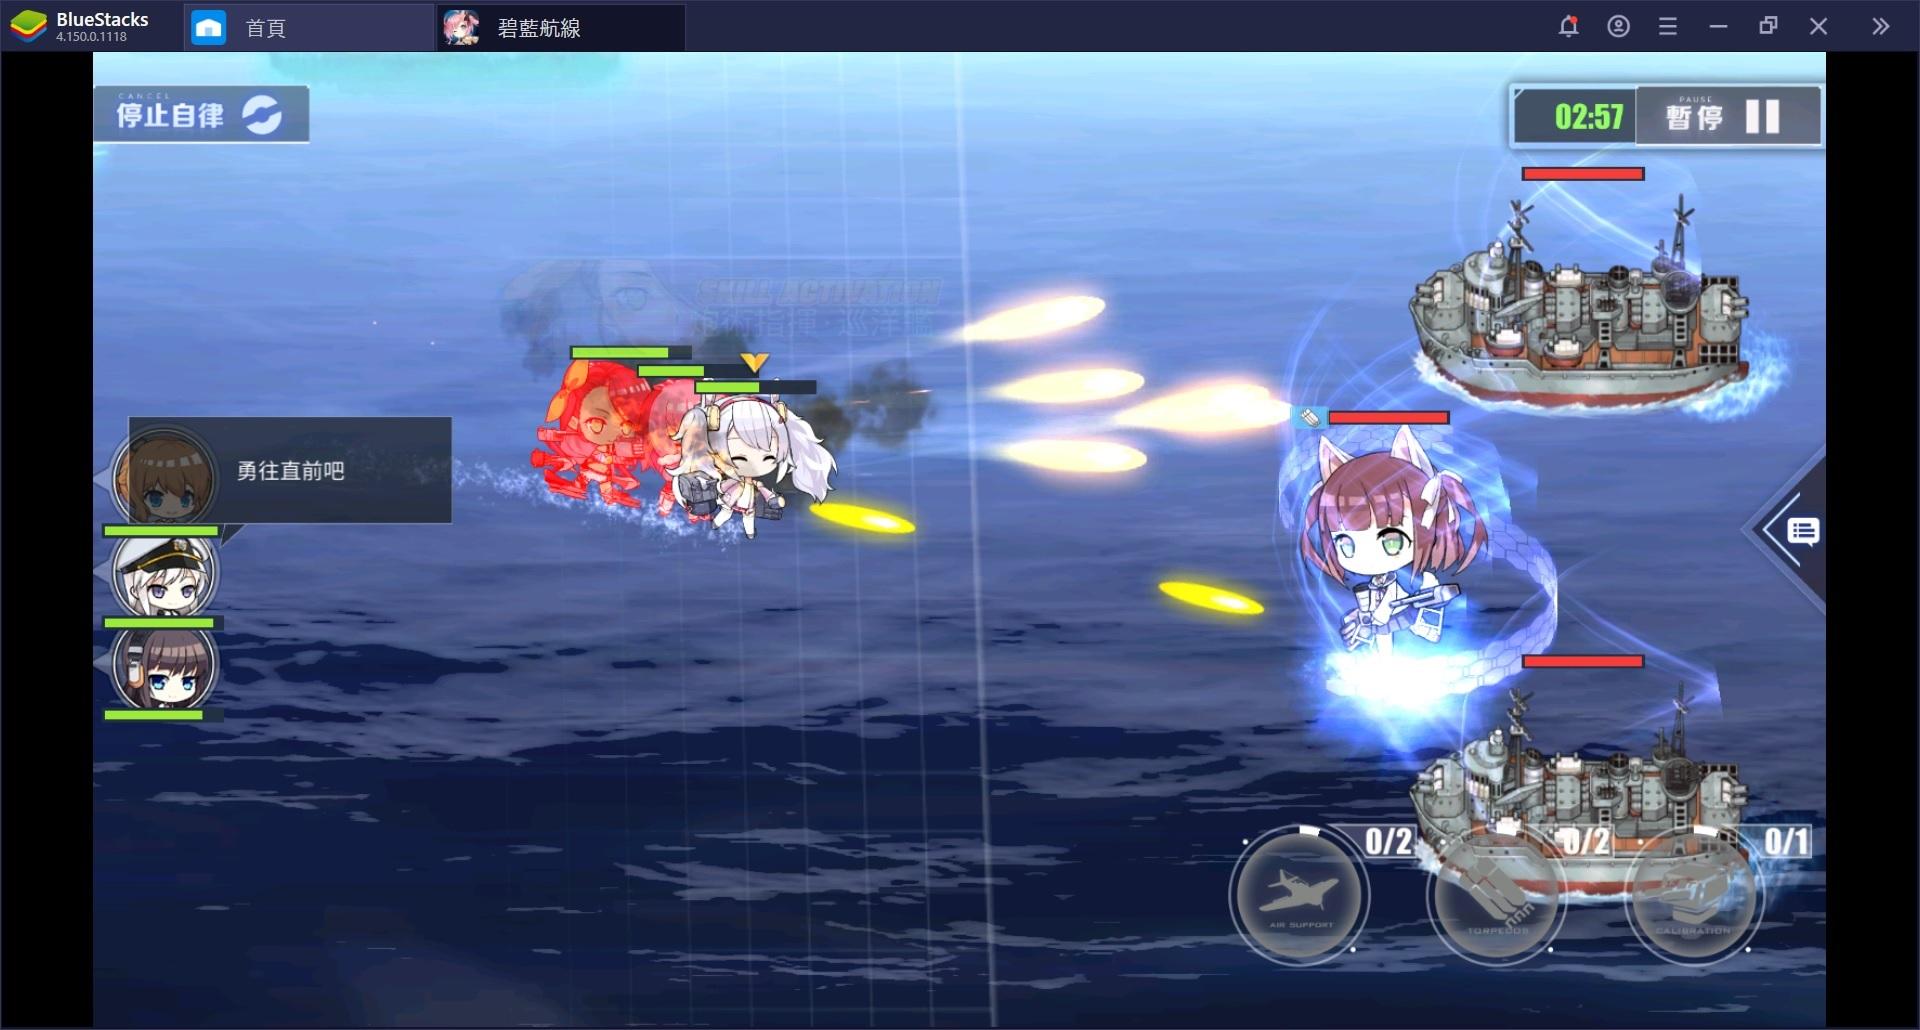 使用BlueStacks在電腦上體驗射擊RPG 碧藍航線